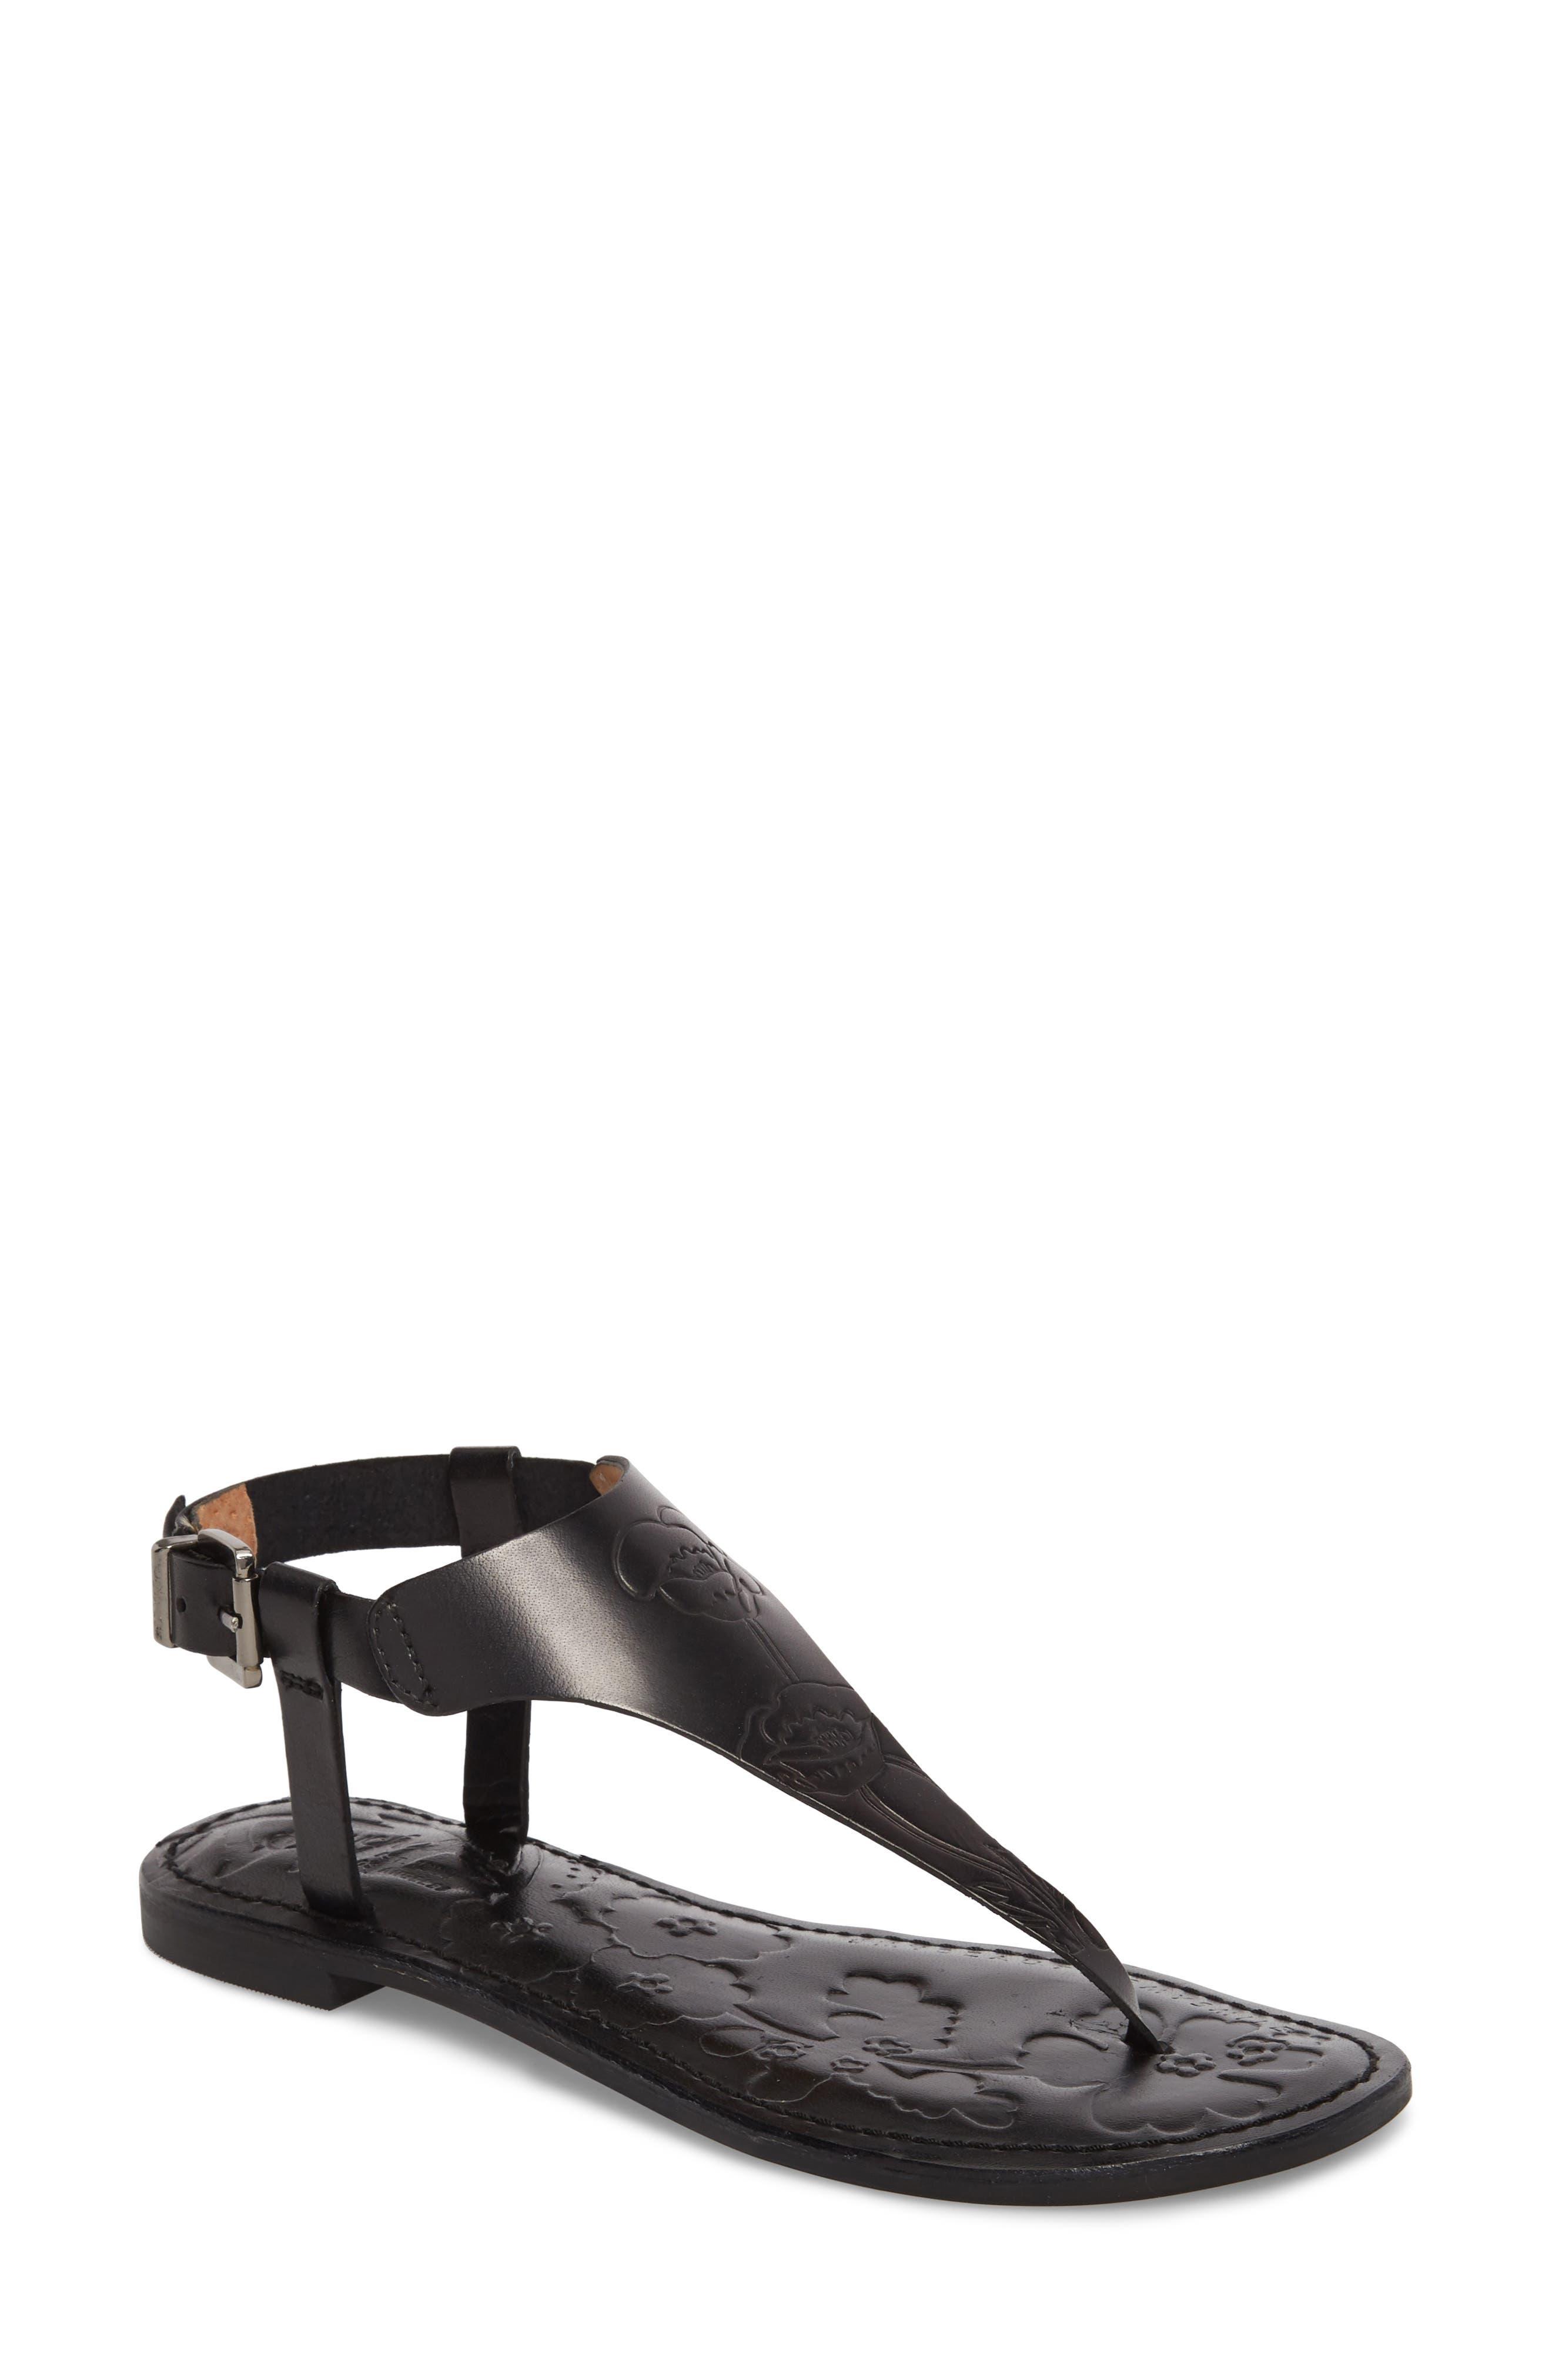 Laxmi Embossed Sandal,                             Main thumbnail 1, color,                             BLACK LEATHER